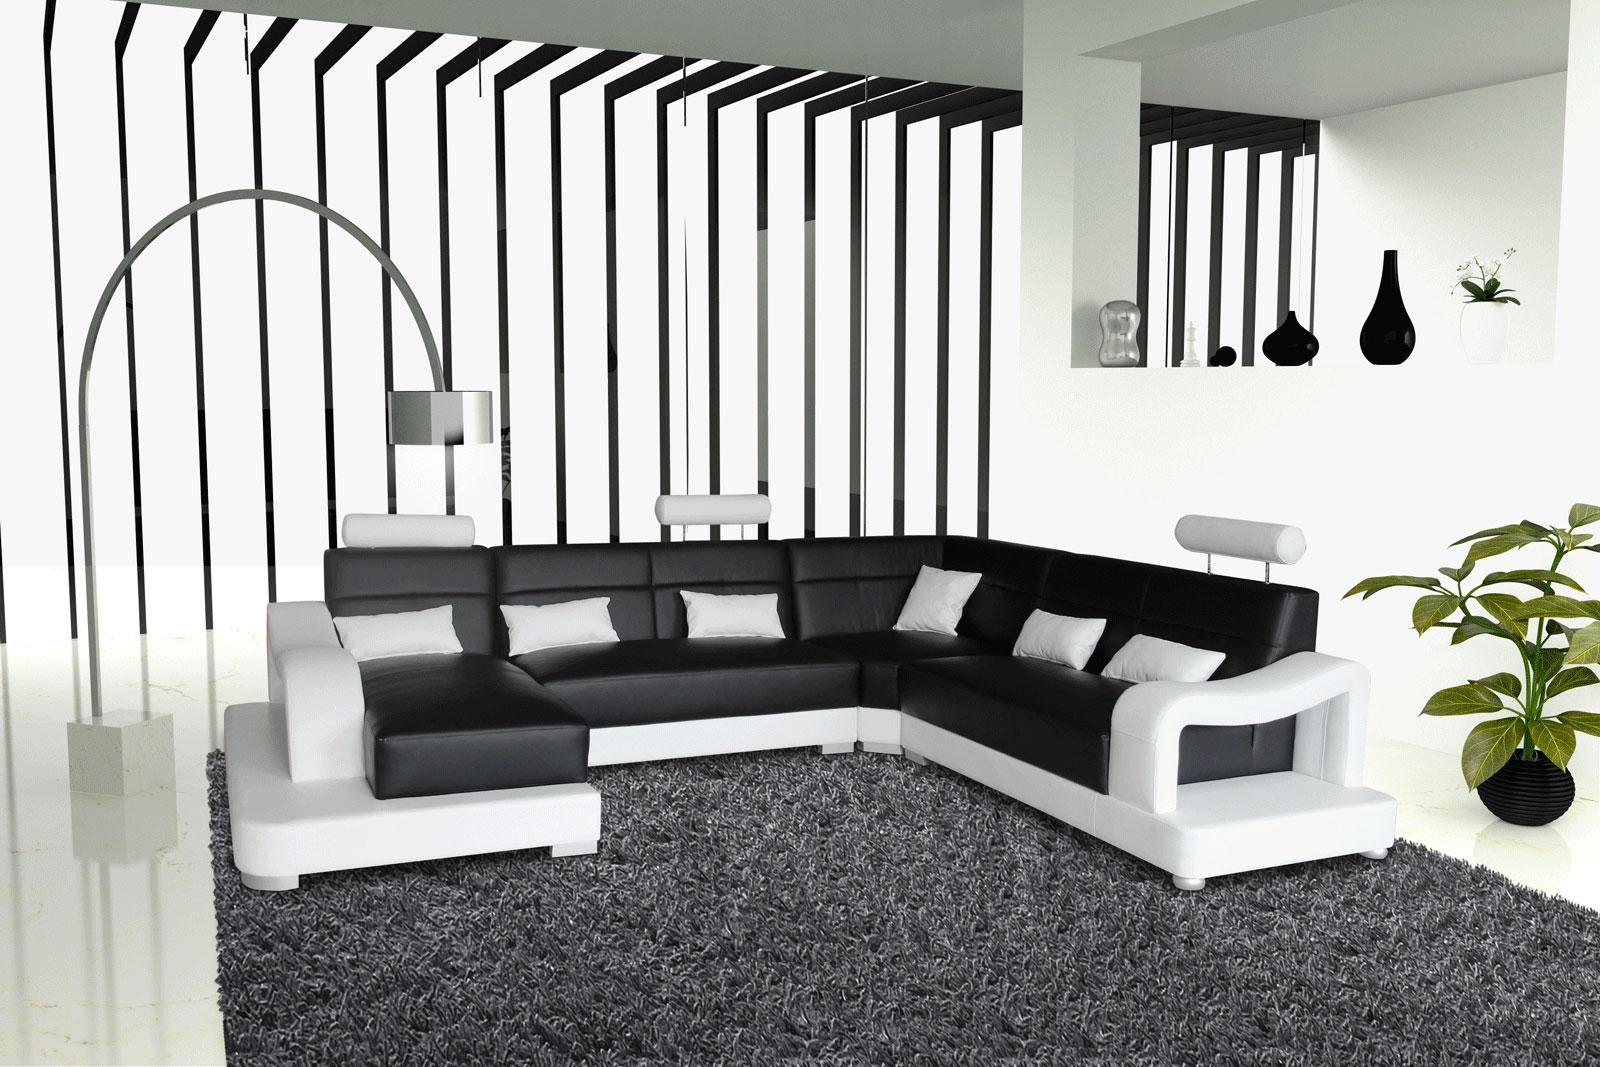 Sale Sofa Wohnlandschaft 181 X 392 X 243 Cm Schwarz Weiss Ariola